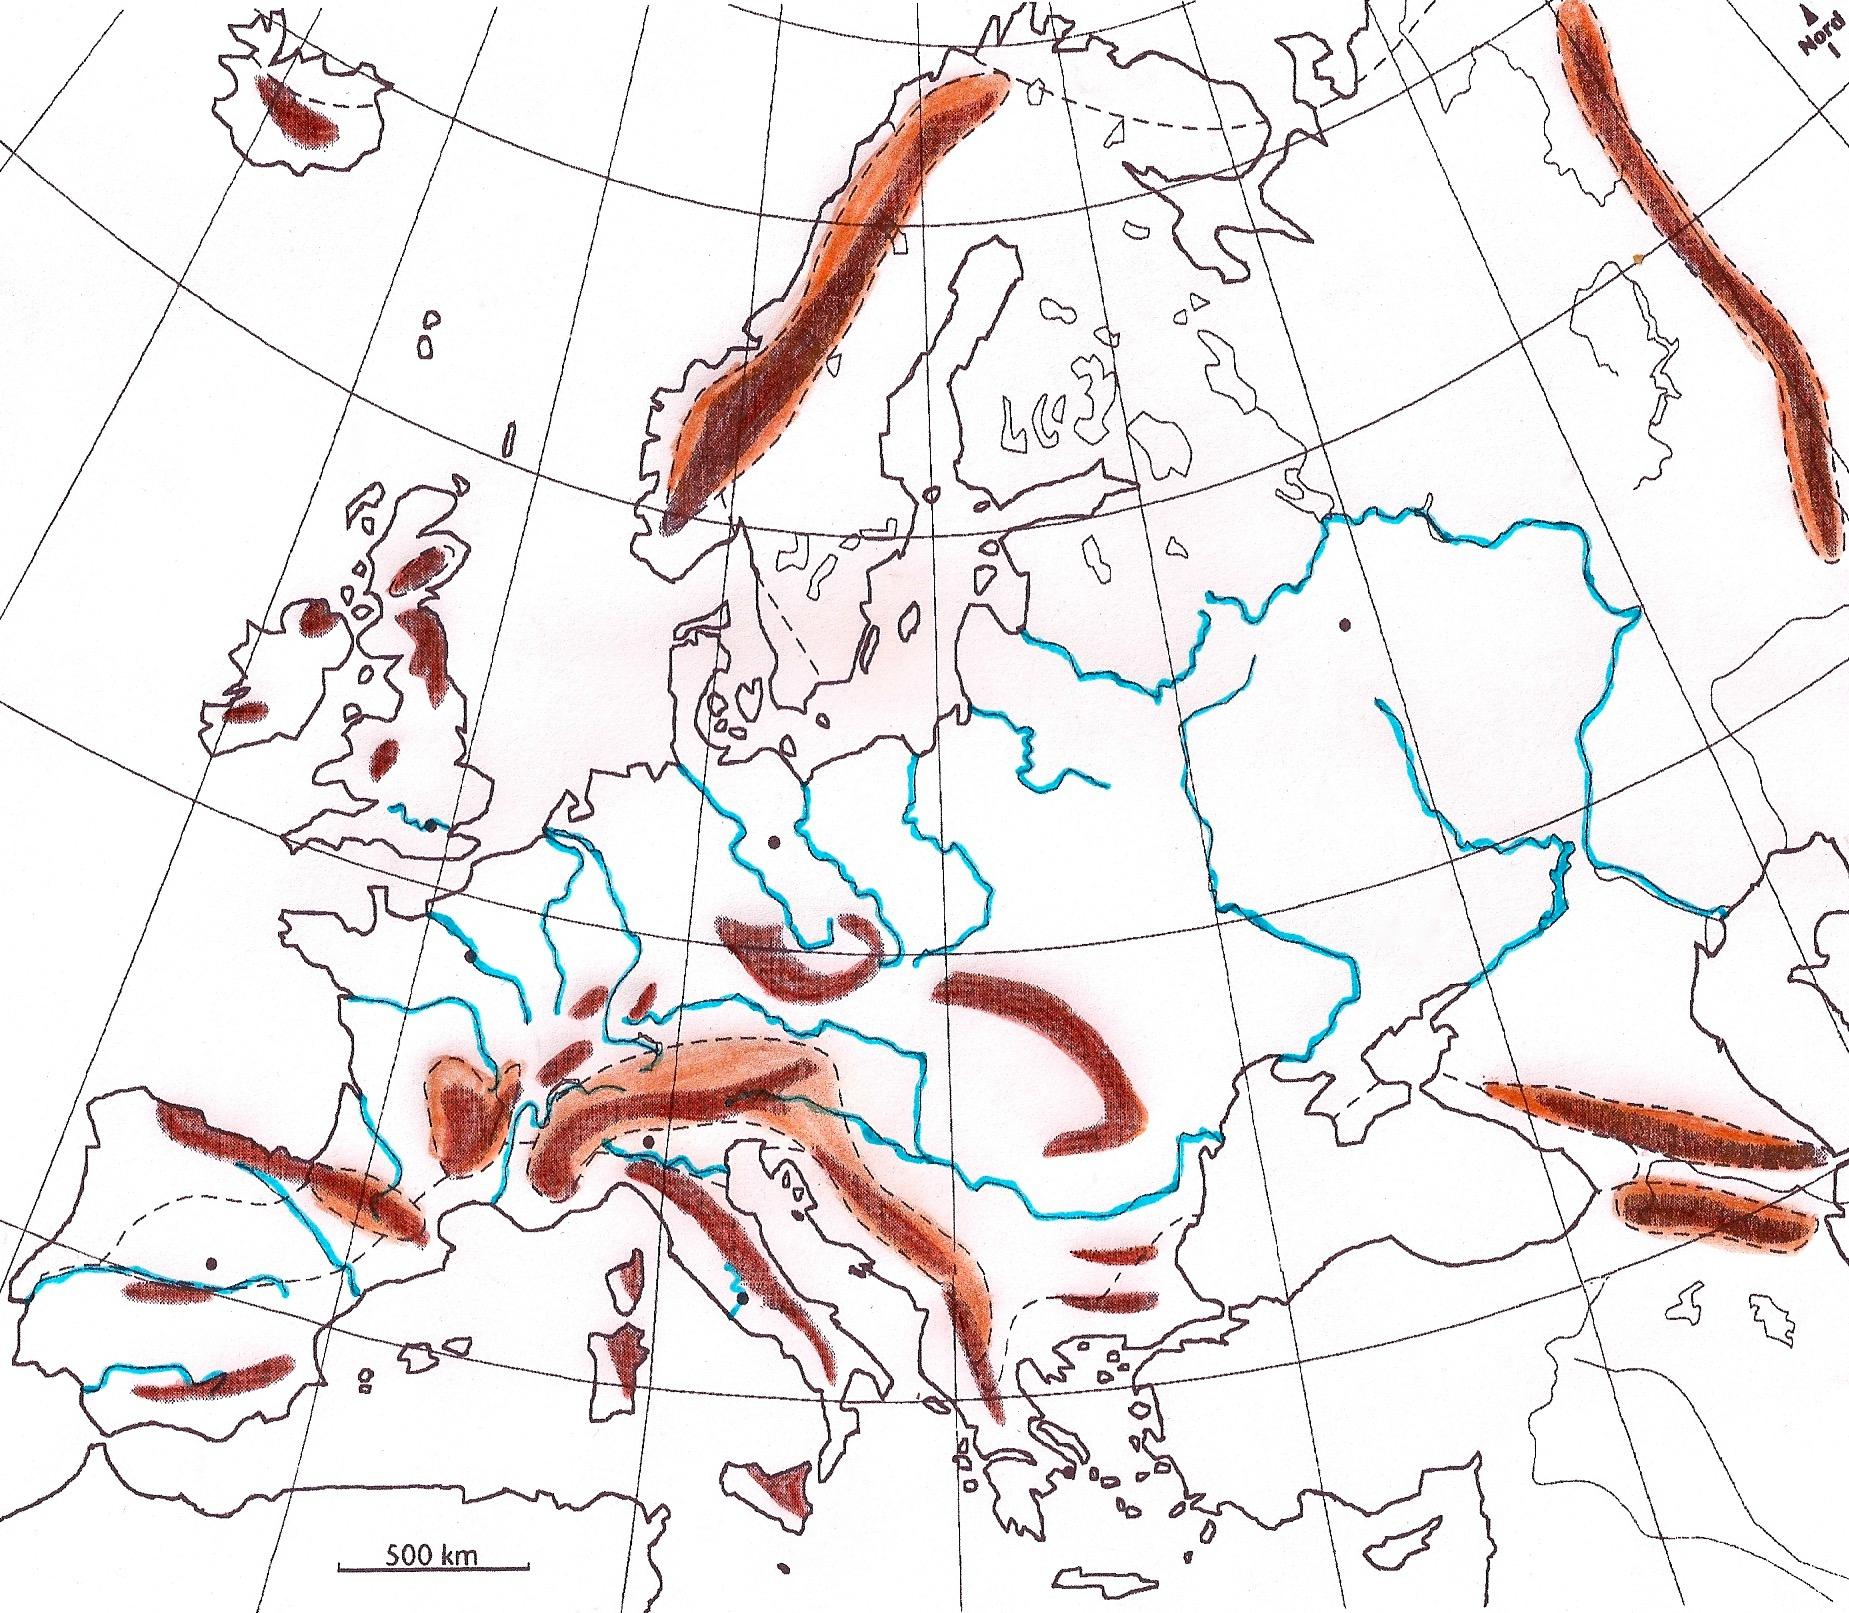 Le Continent Européen, Ses Divisions Et Ses Limites - Profs dedans Carte De L Europe En Relief